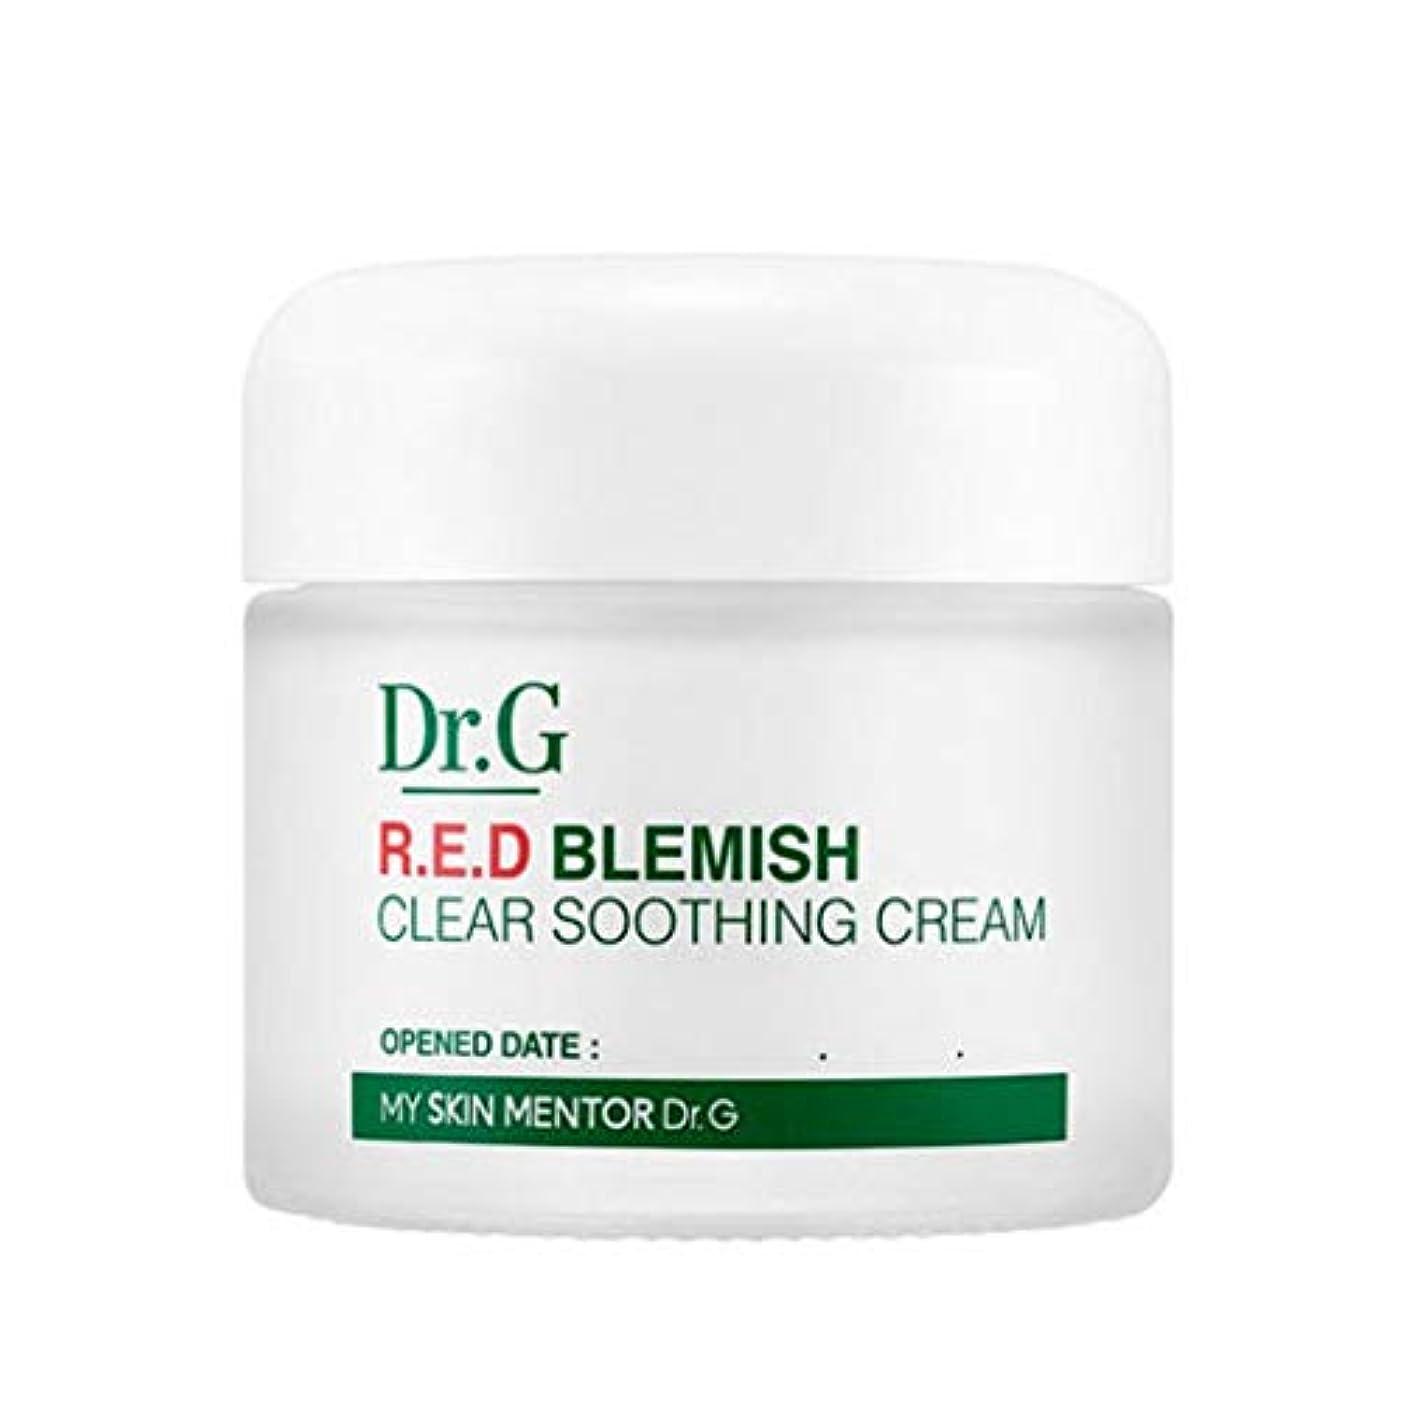 に慣れ八ラメドクターGレッドブレミッシュクリアスージングクリーム70ml水分クリーム、Dr.G Red Blemish Clear Soothing Cream 70ml Moisturizing Cream [並行輸入品]